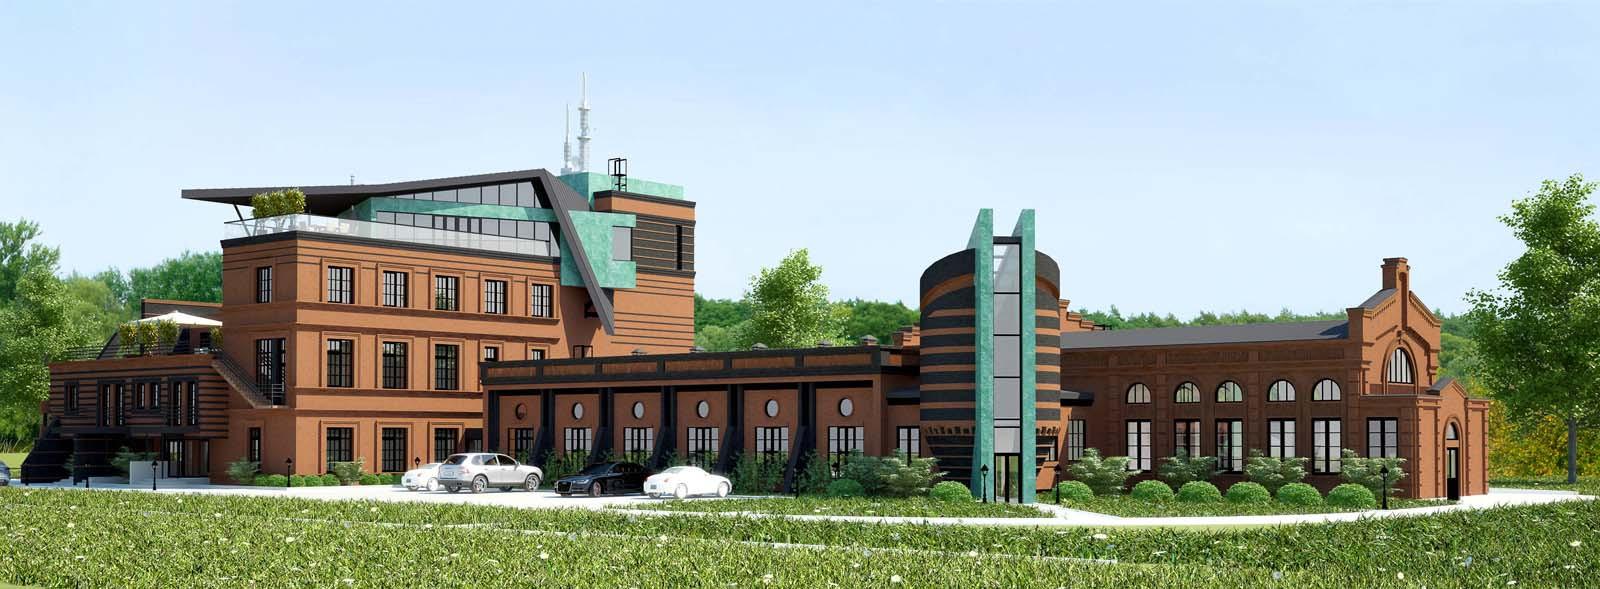 проект реновации заброшенной фабрики под частный жилой комплекс в городе Миллерово